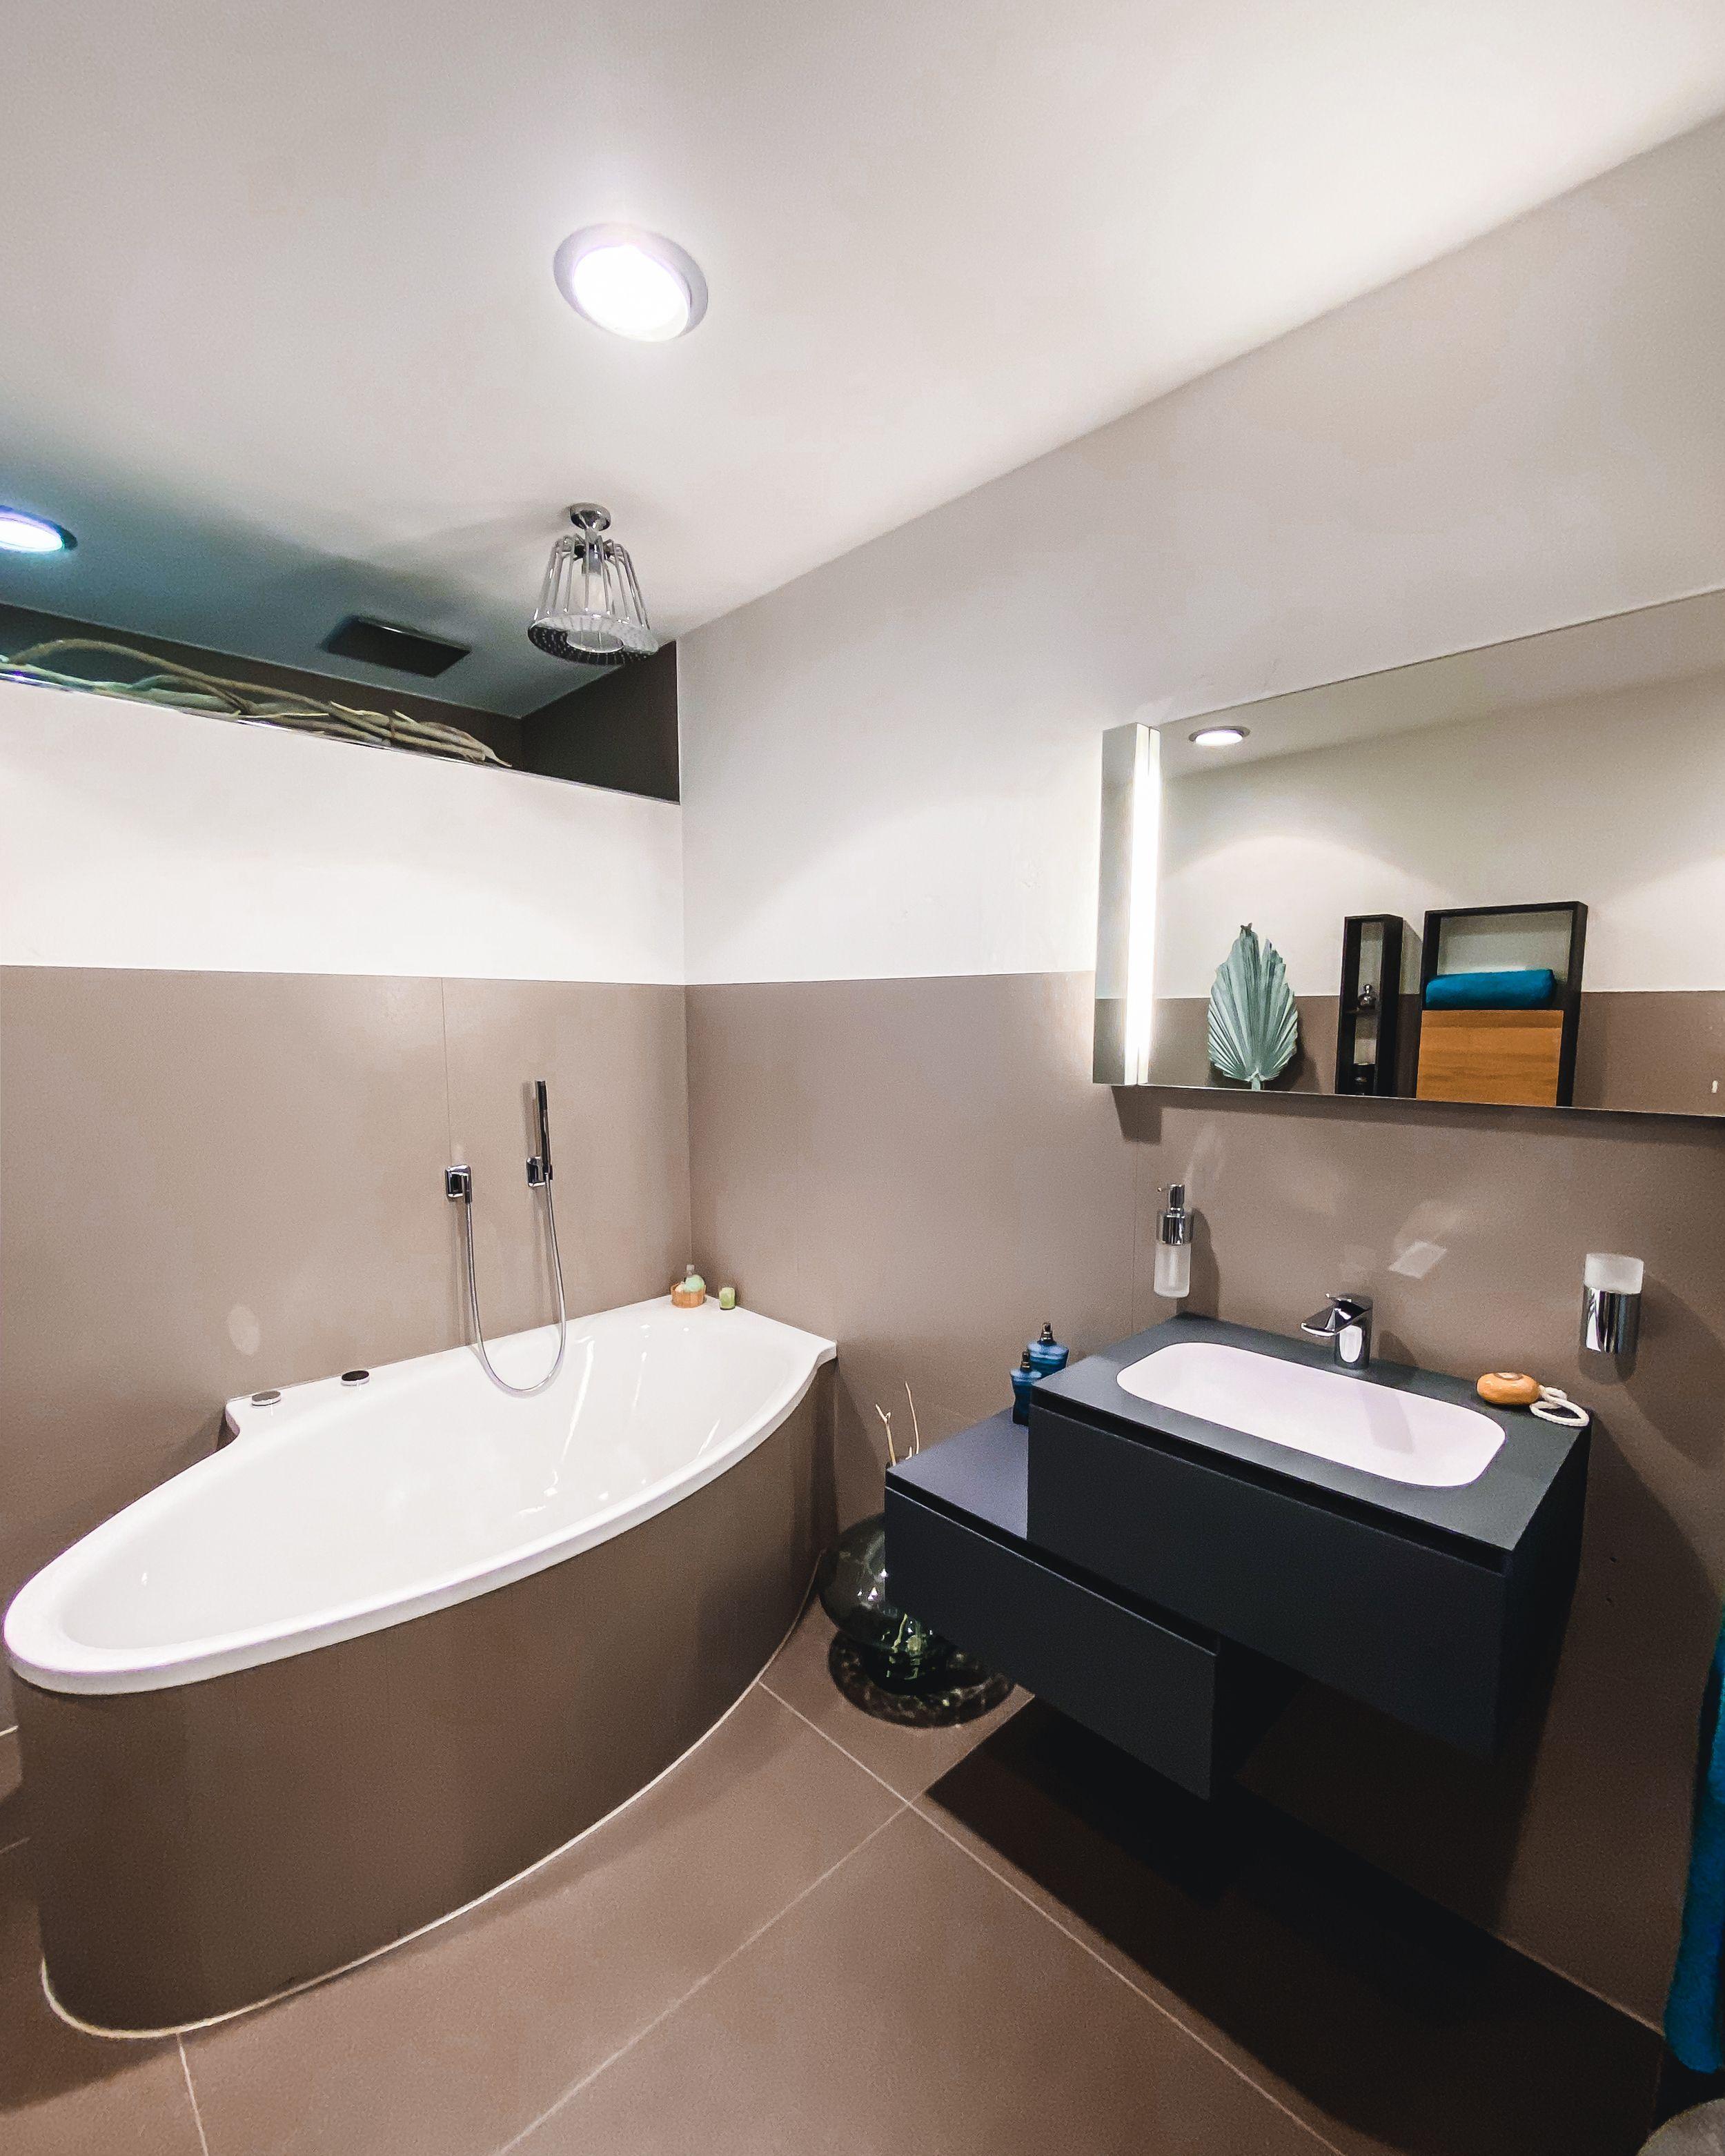 Grosse Badfliesen Sind Immer Ein Hingucker Dieses Bad Profitiert Zusatzlich Von Einem Ausserst Widerstandsfahigen Wascht In 2020 Neues Badezimmer Waschtisch Badewanne